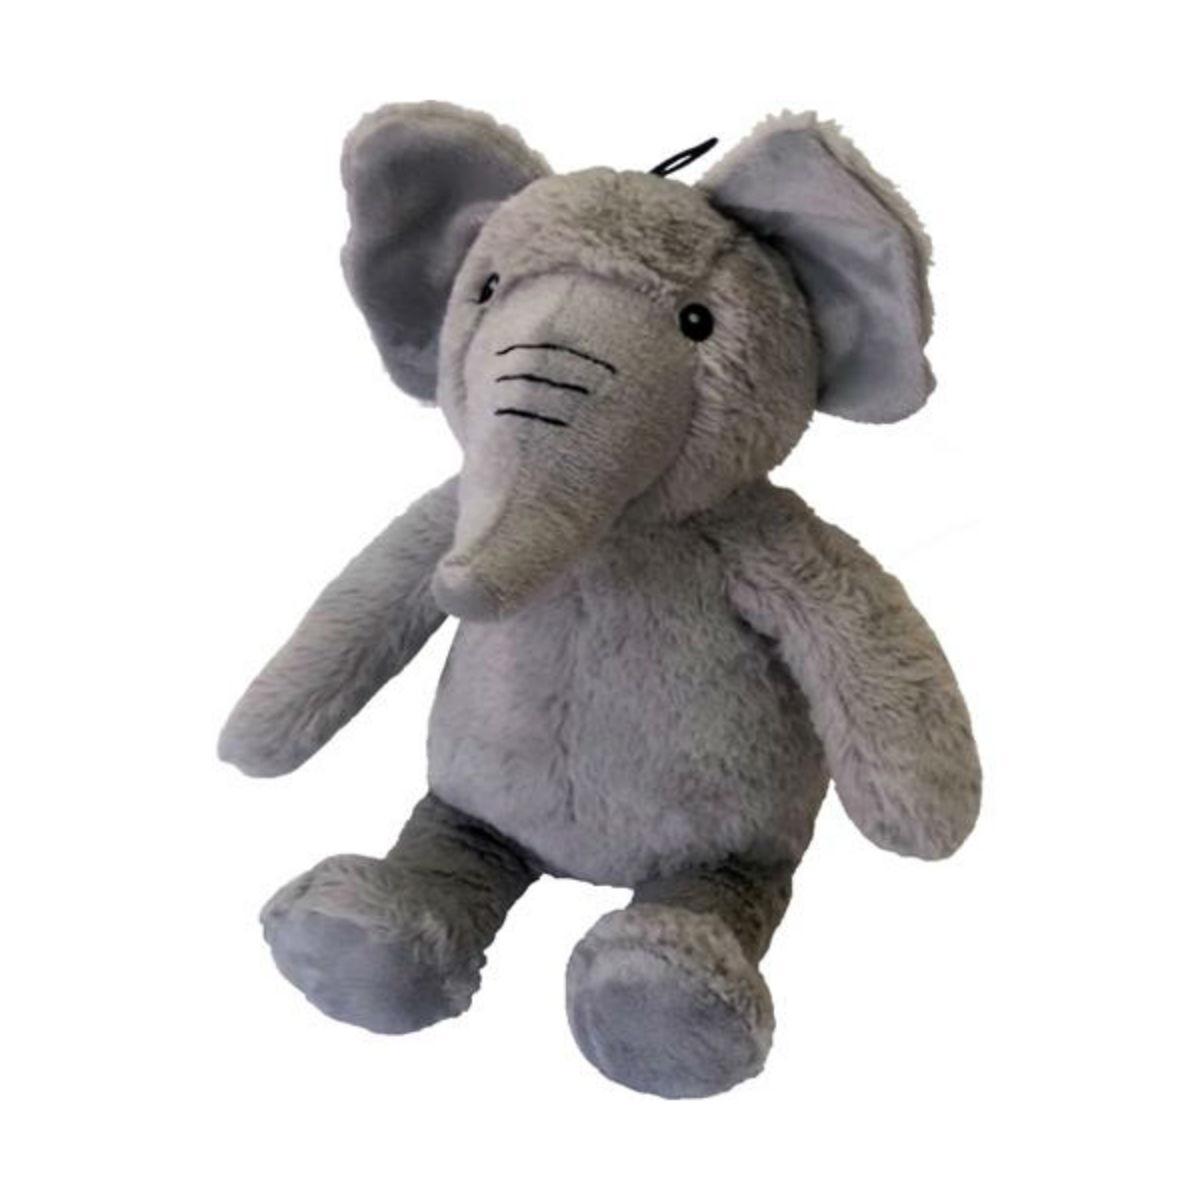 Plush Elephant Dog Toy - Gray